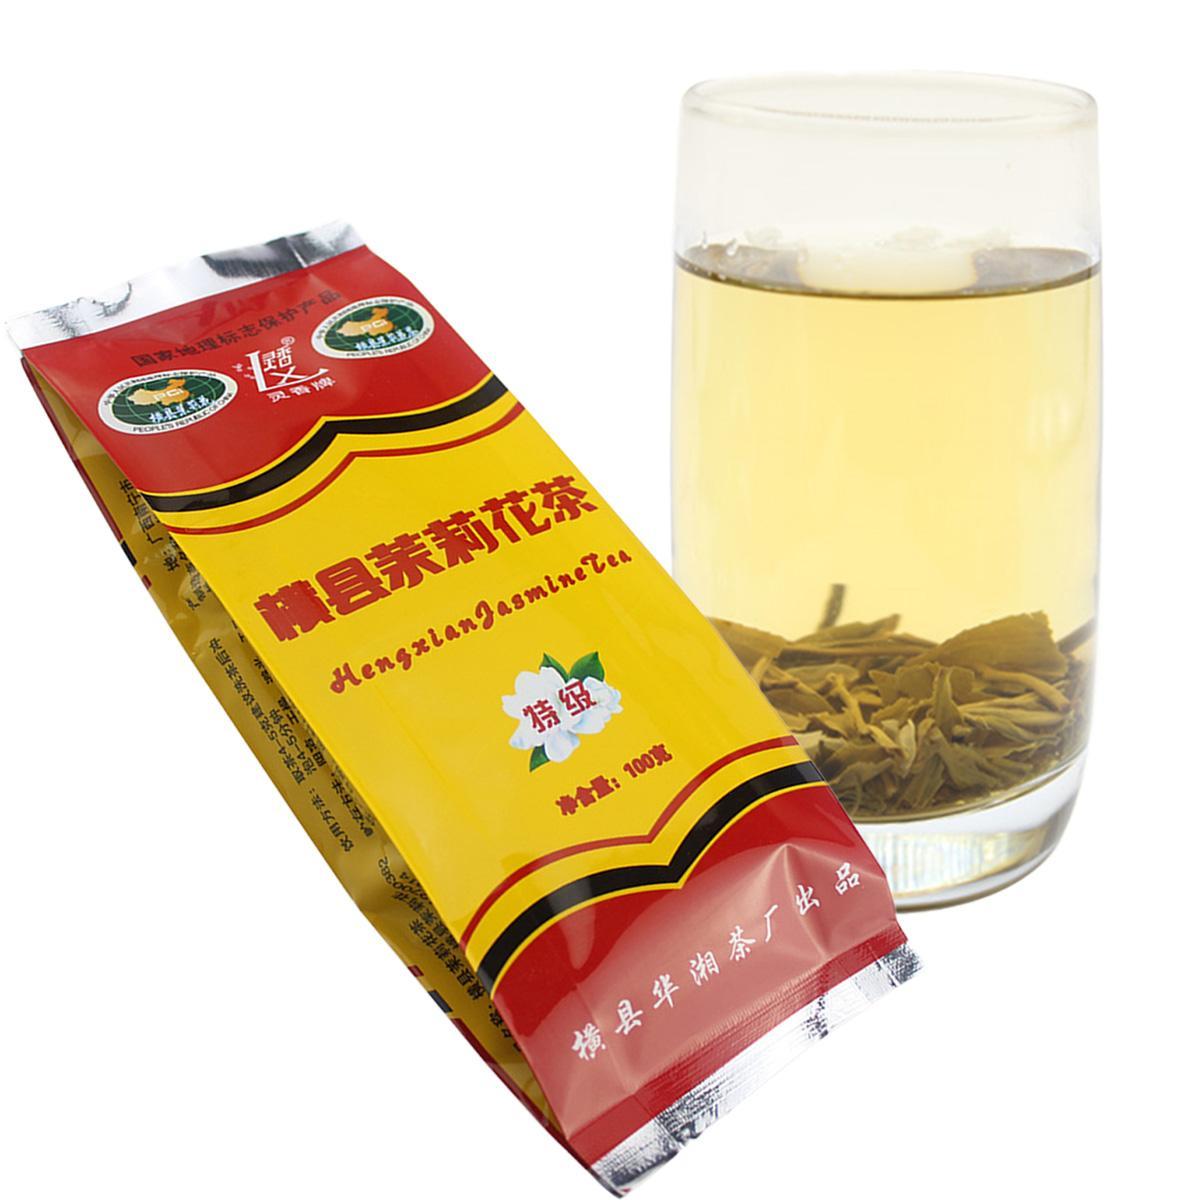 Tè verde cinese 100g Organic Hunan Hengxian profumato fiore del gelsomino tè grezzo Health Care nuovo tè Spring Green Food Vendite dirette della fabbrica